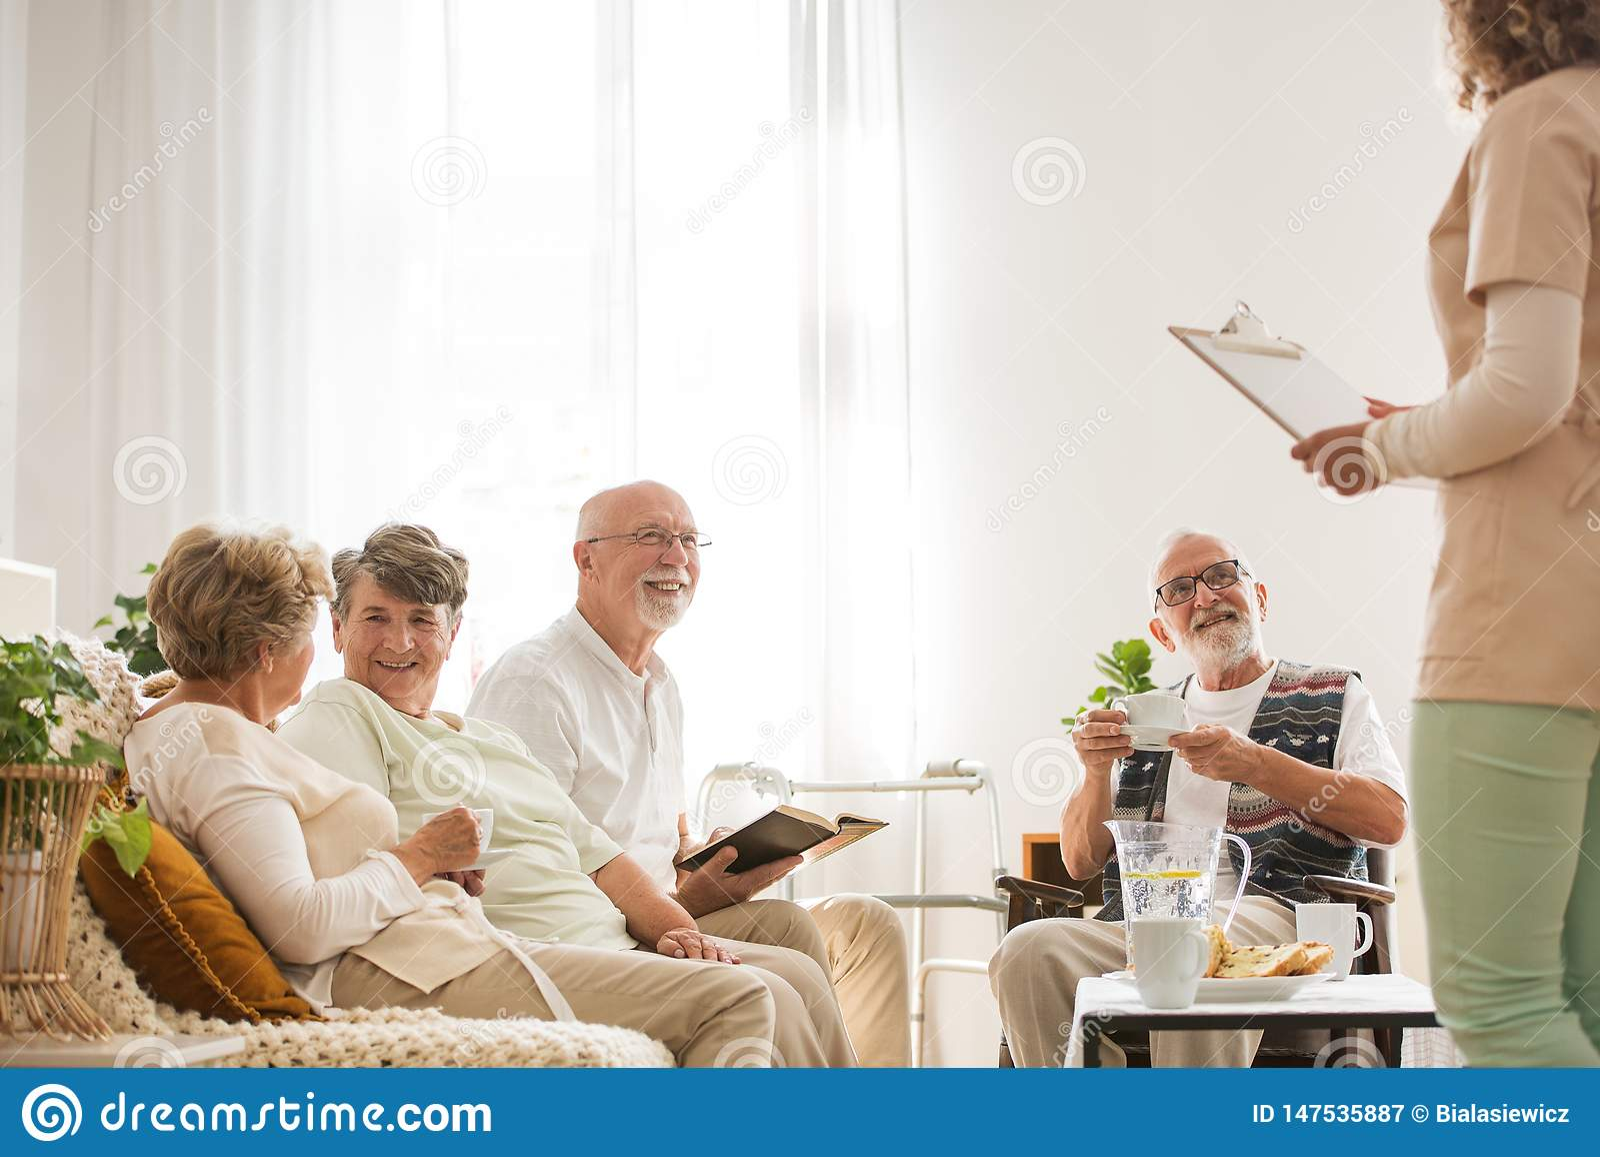 Groep hogere verpleeghuisgepensioneerden die samen bij gemeenschappelijke woonkamer zitten die aan jonge verpleegster luisteren